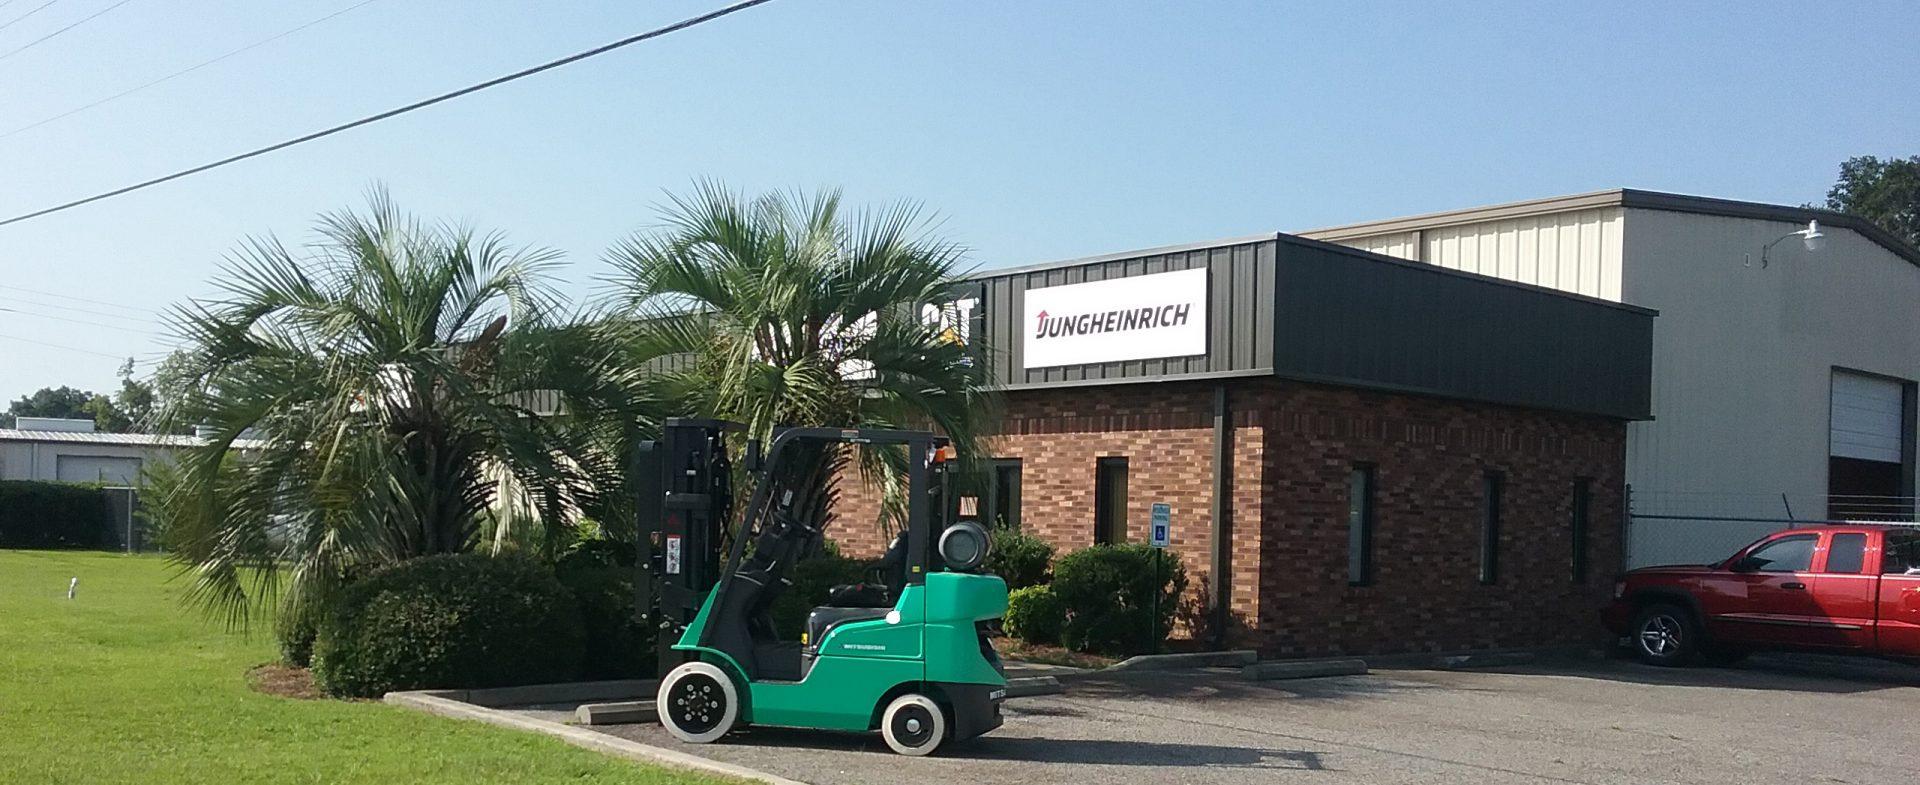 Florence Forklift Dealer South Carolina